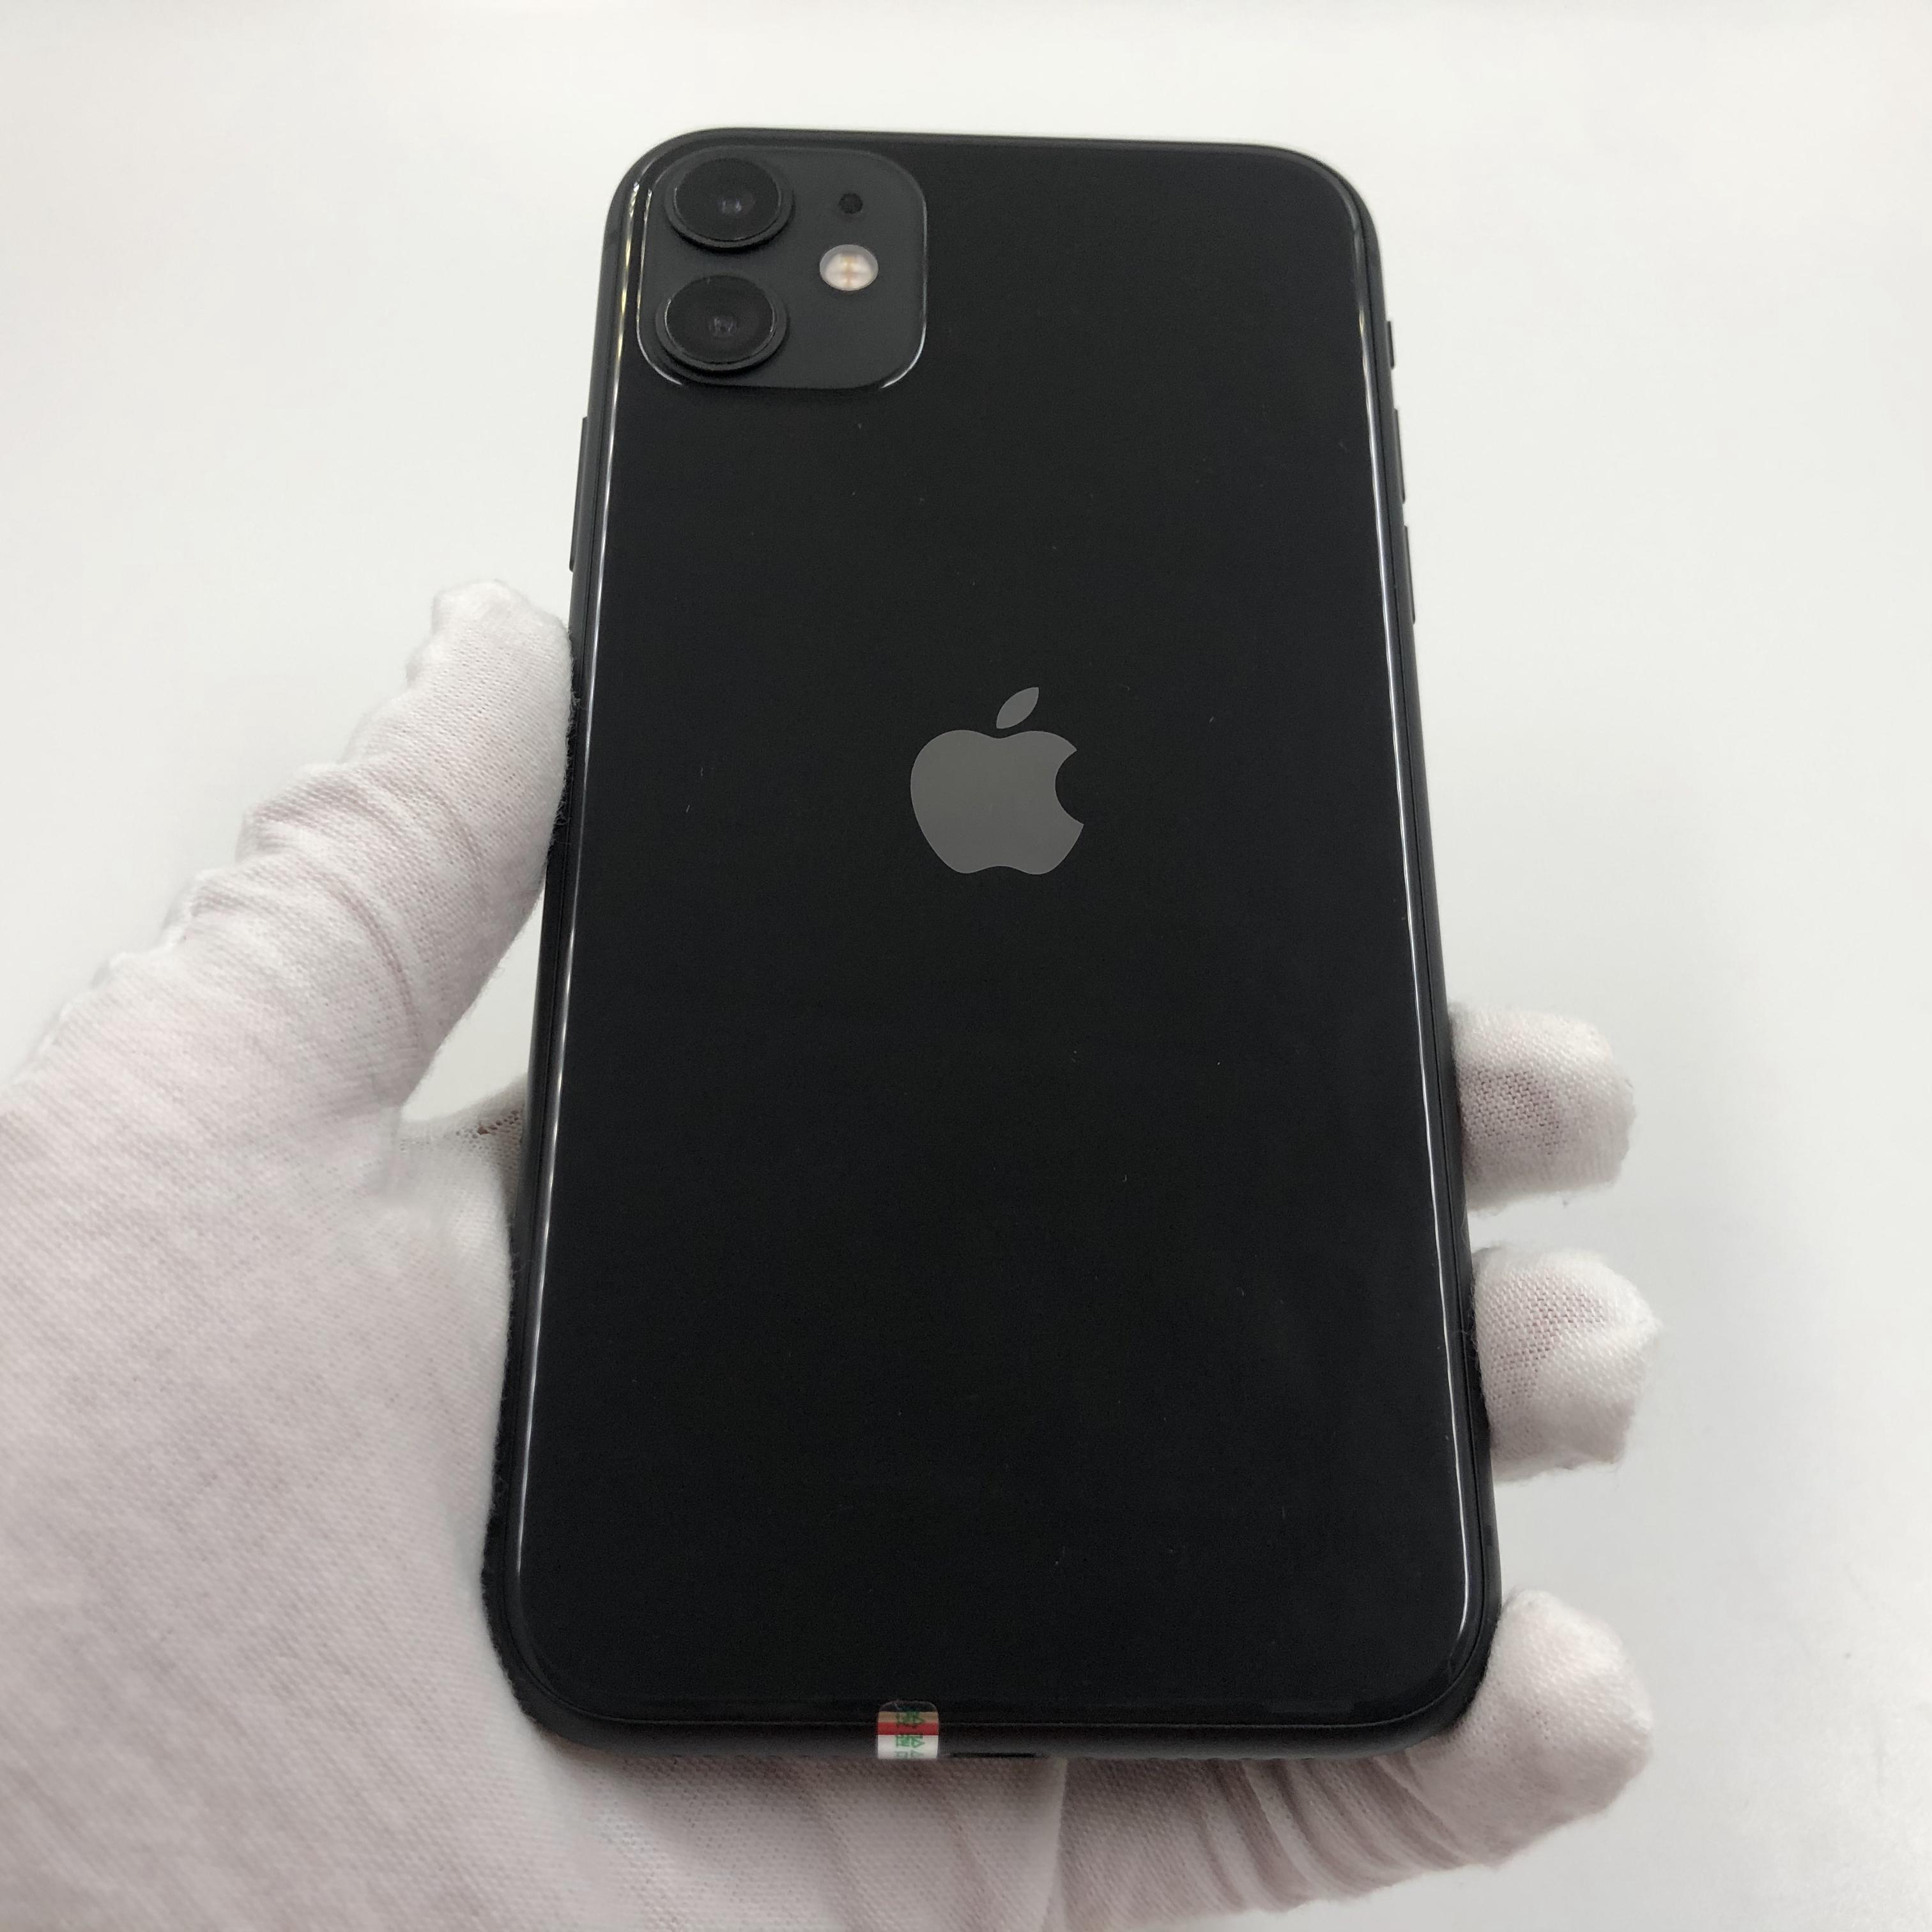 苹果【iPhone 11】4G全网通 黑色 128G 国行 99新 真机实拍